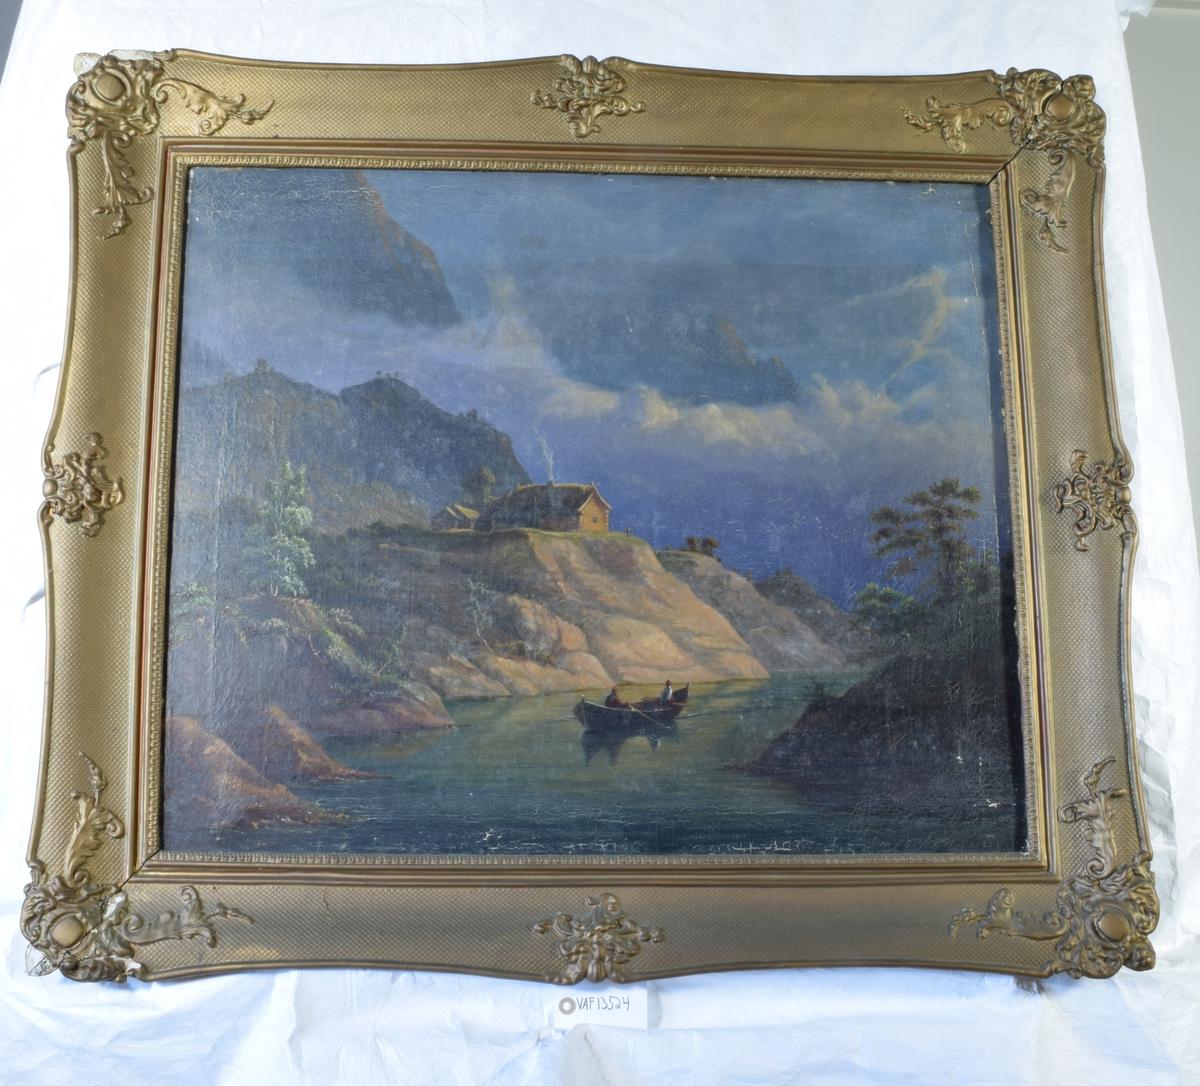 Maleriet viser en elv med bakenforliggende fjell og  en robåt med to personer i. Ovenfor elvens venstre bredde står to bygninger med torvtak.